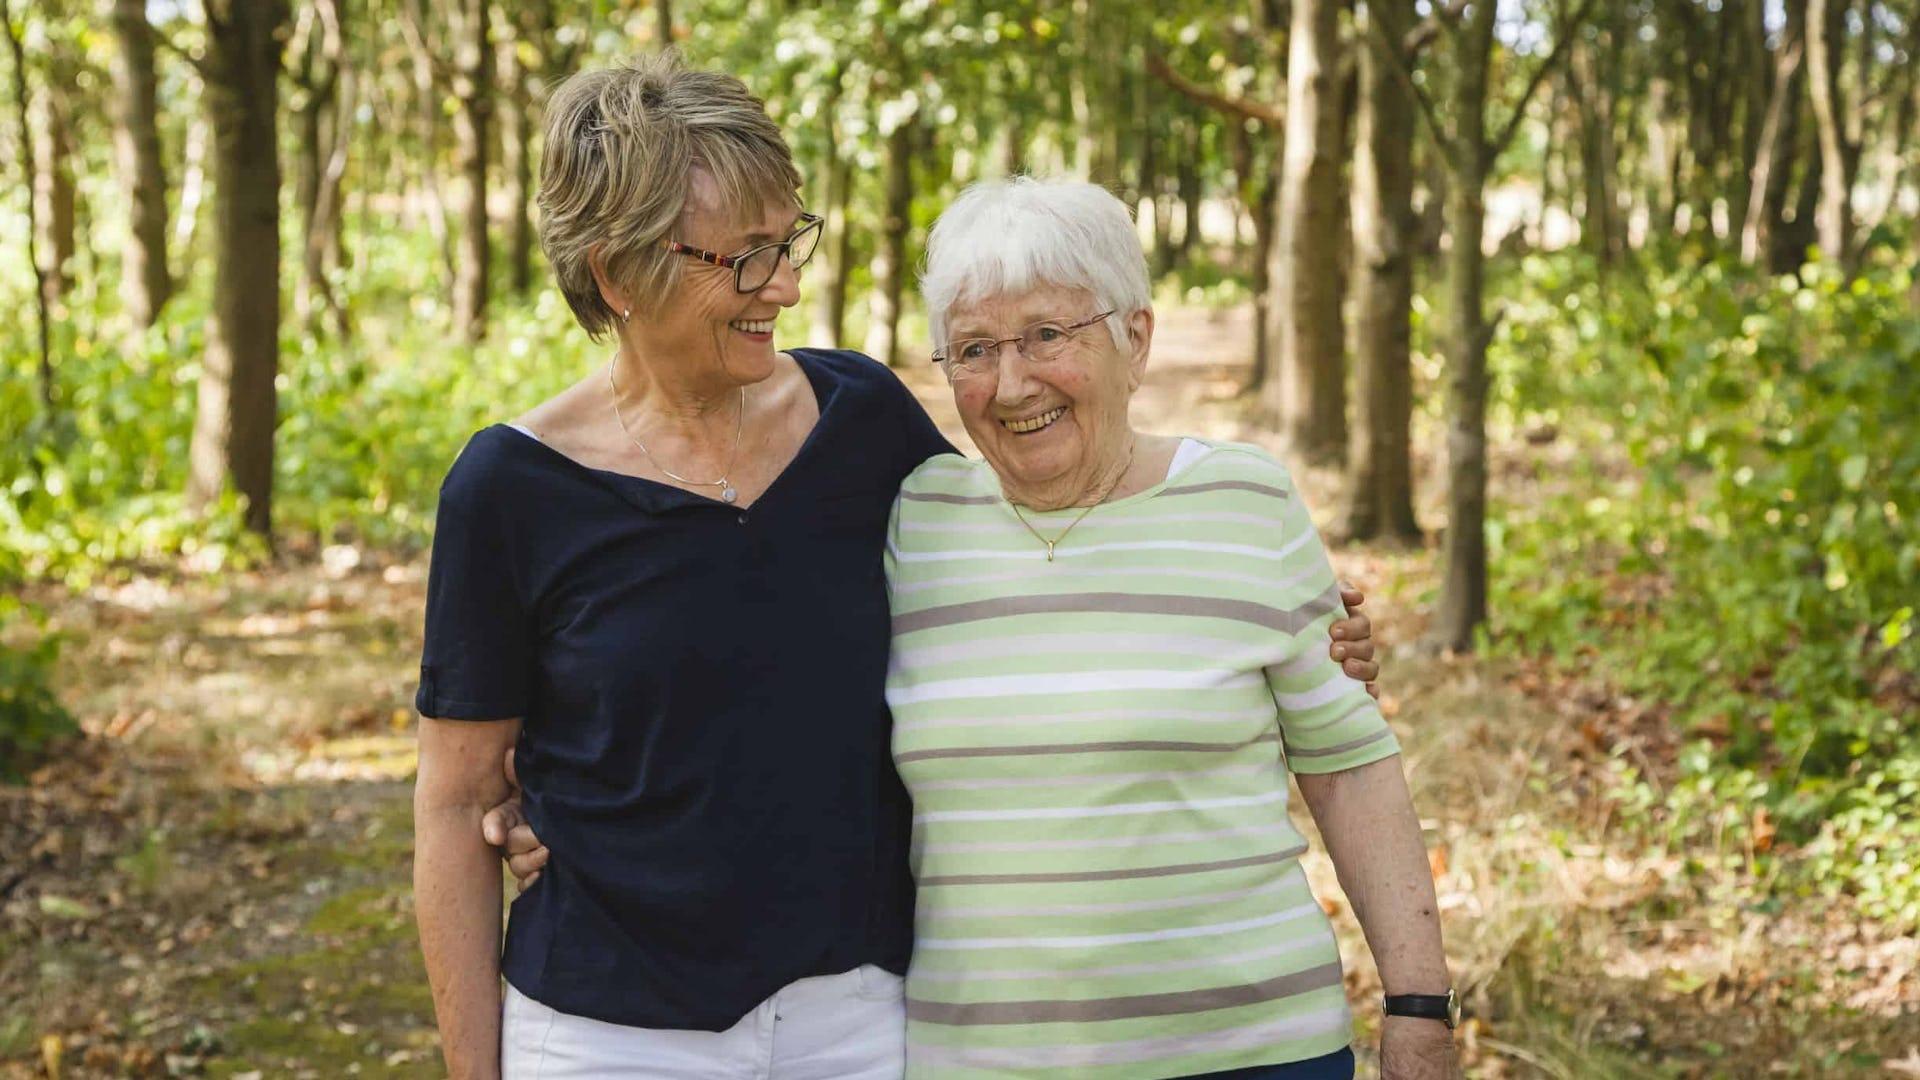 Elderly Ladies Walking In The Woods